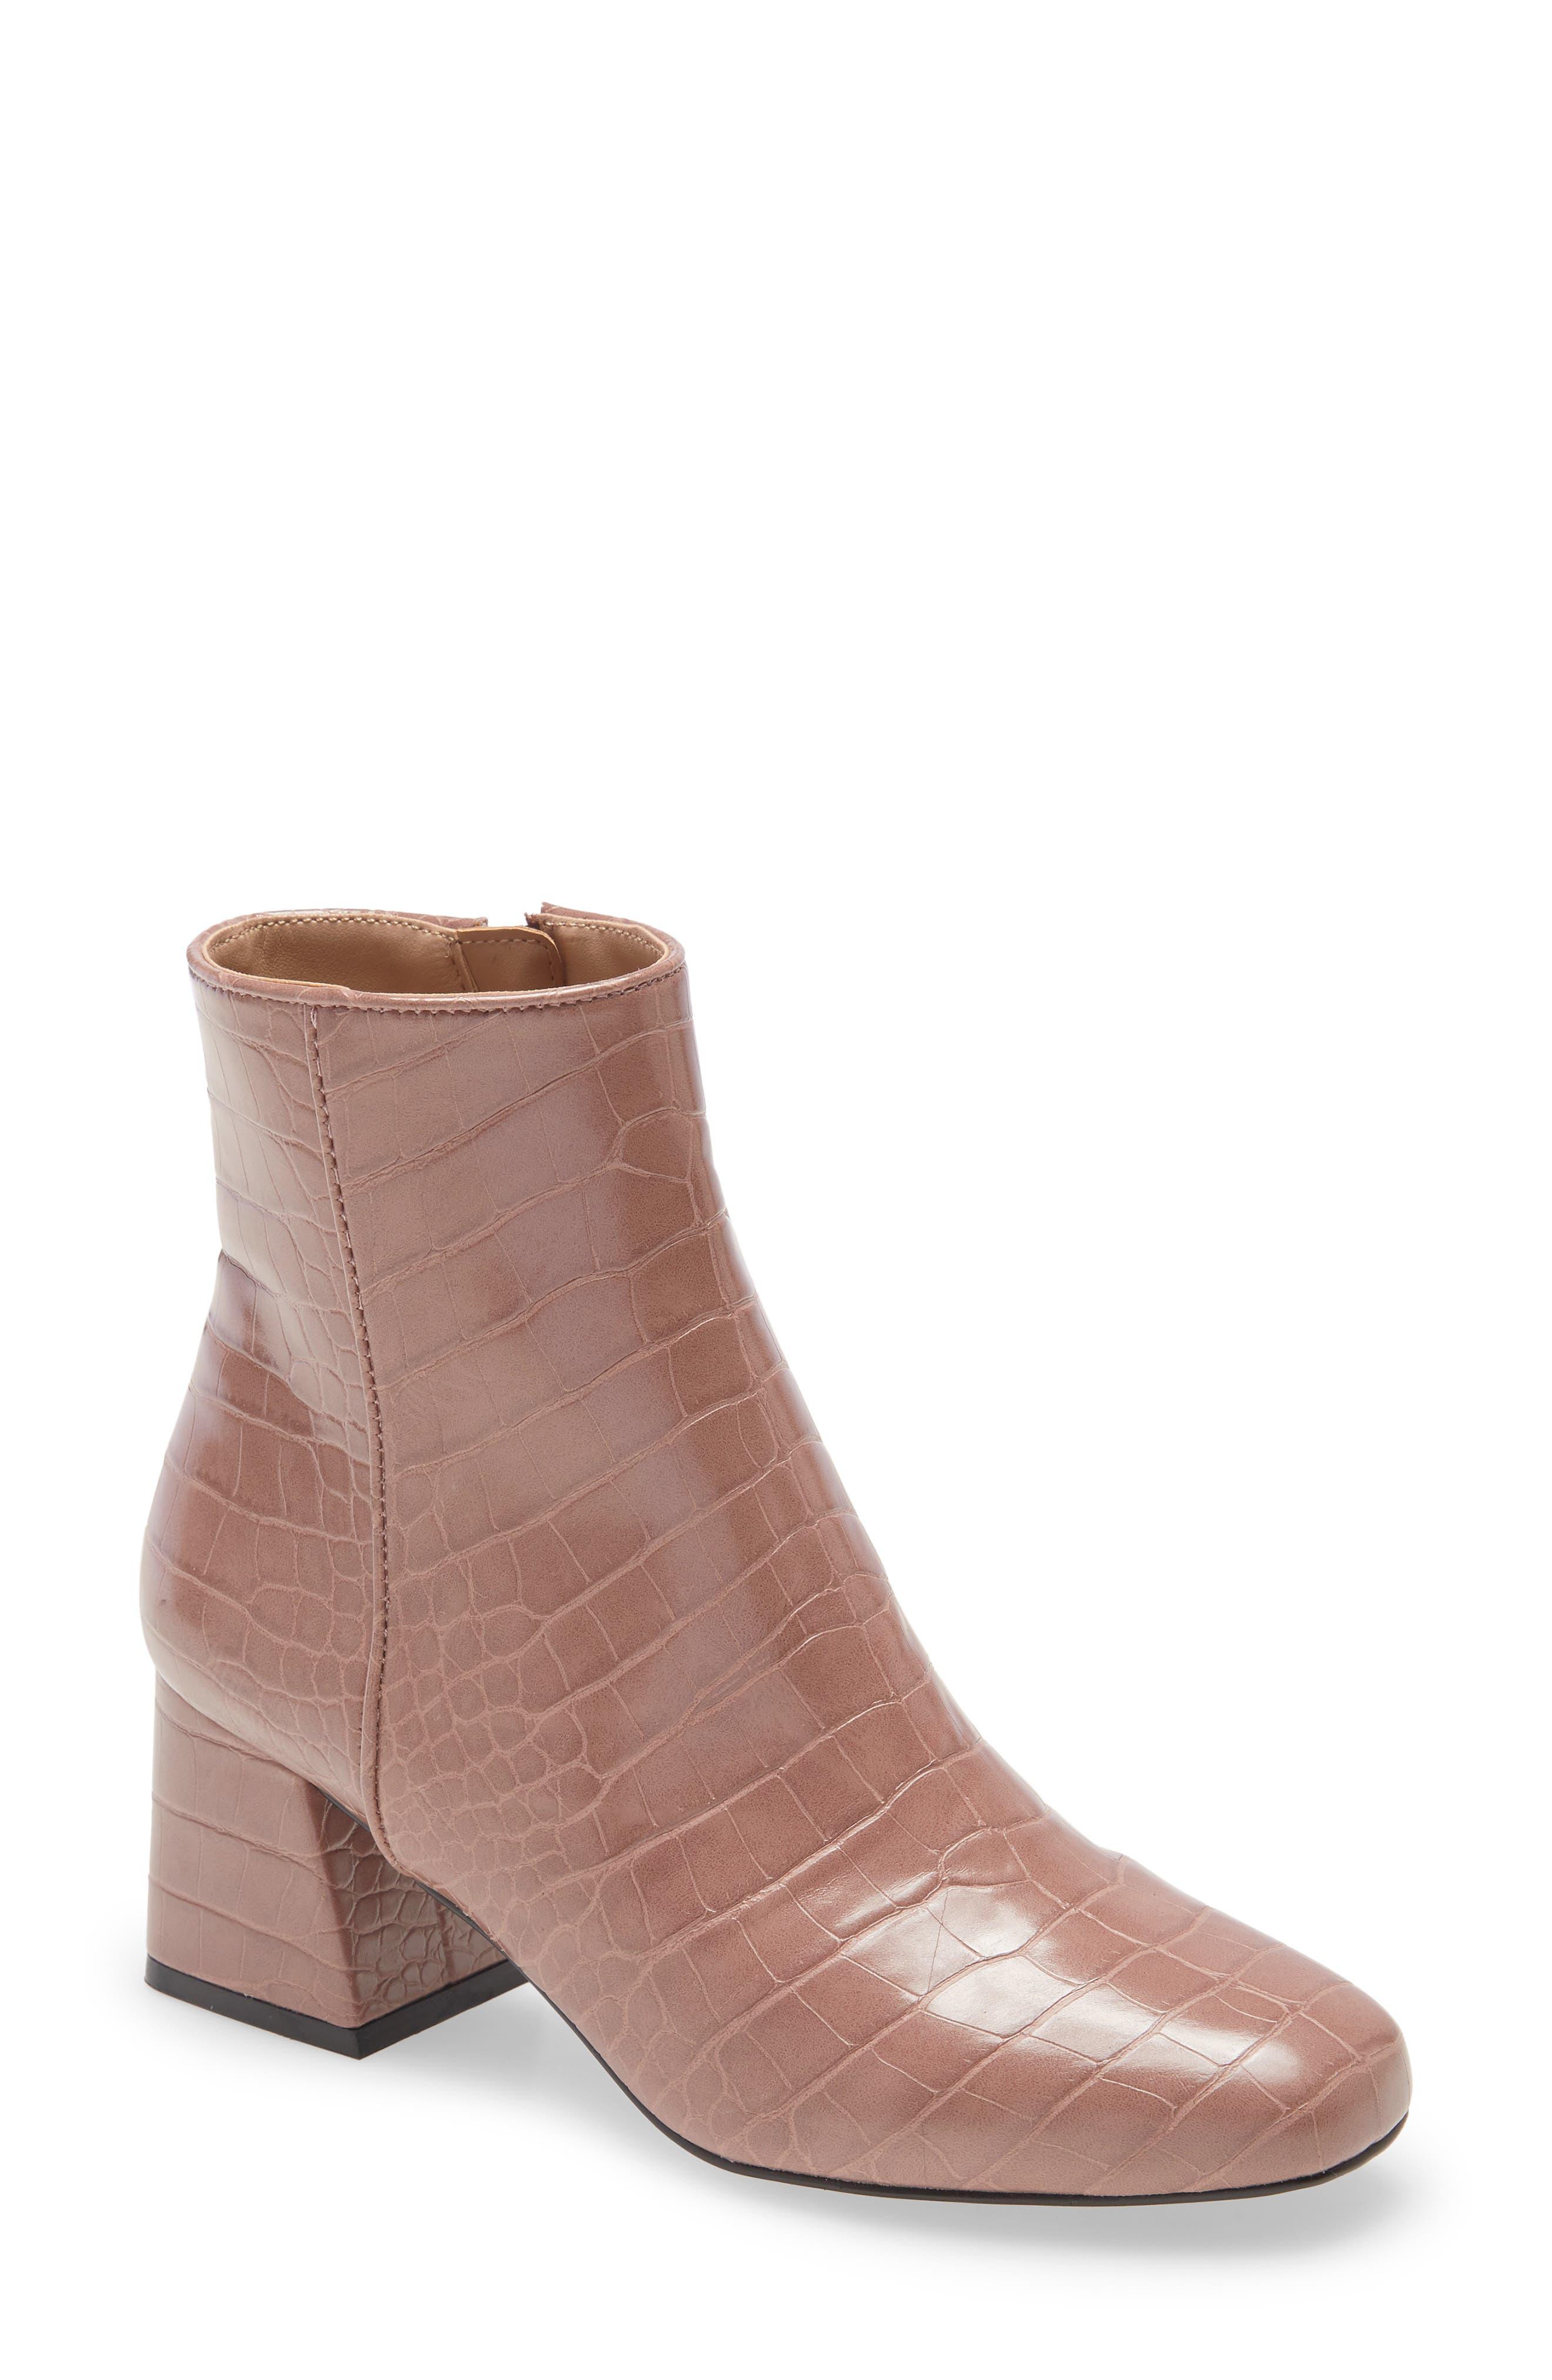 Women's Steve Madden Booties \u0026 Ankle